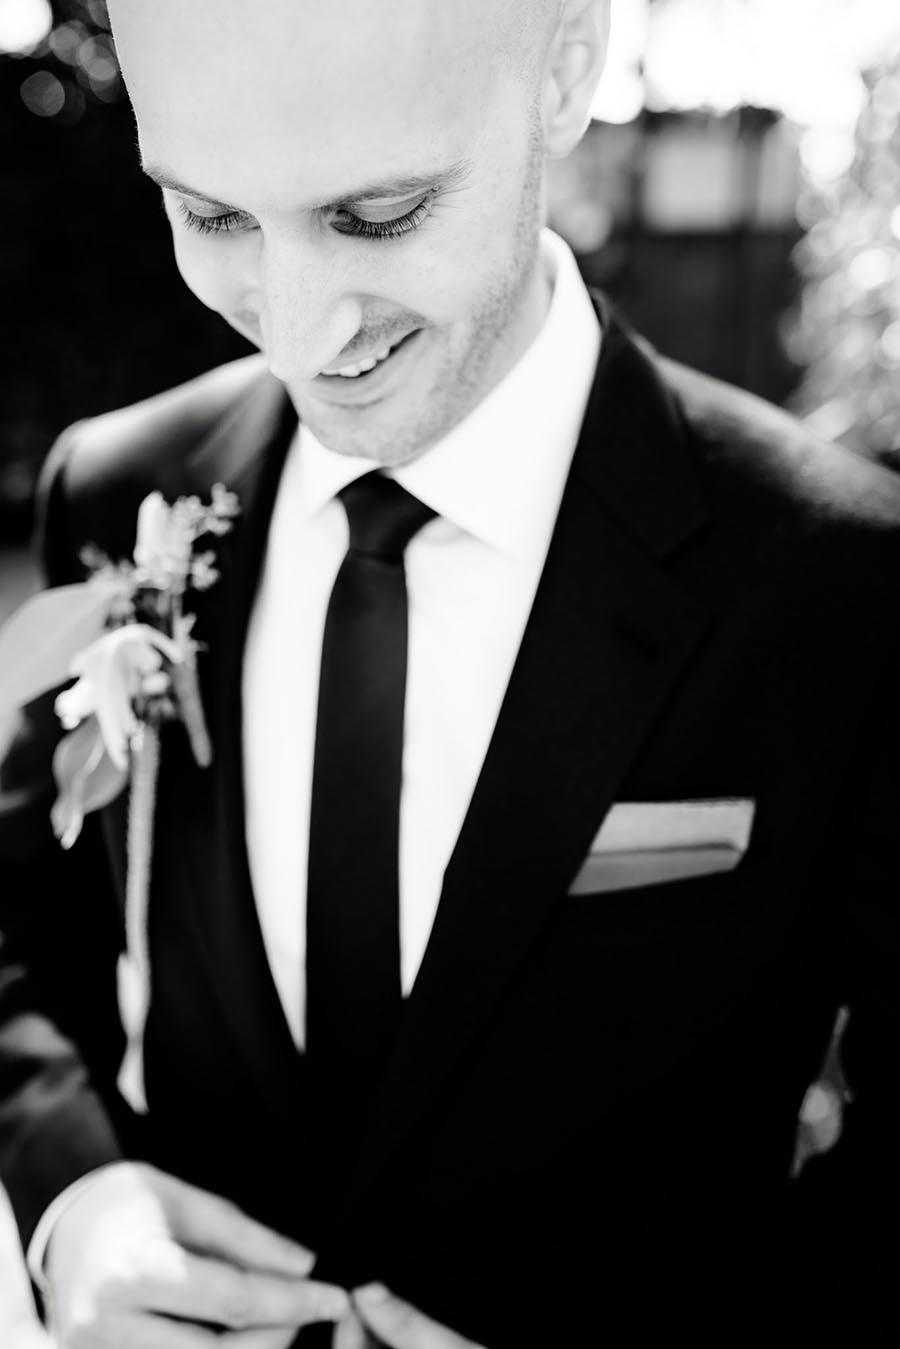 hochzeitsfotograf münchen bräutigam